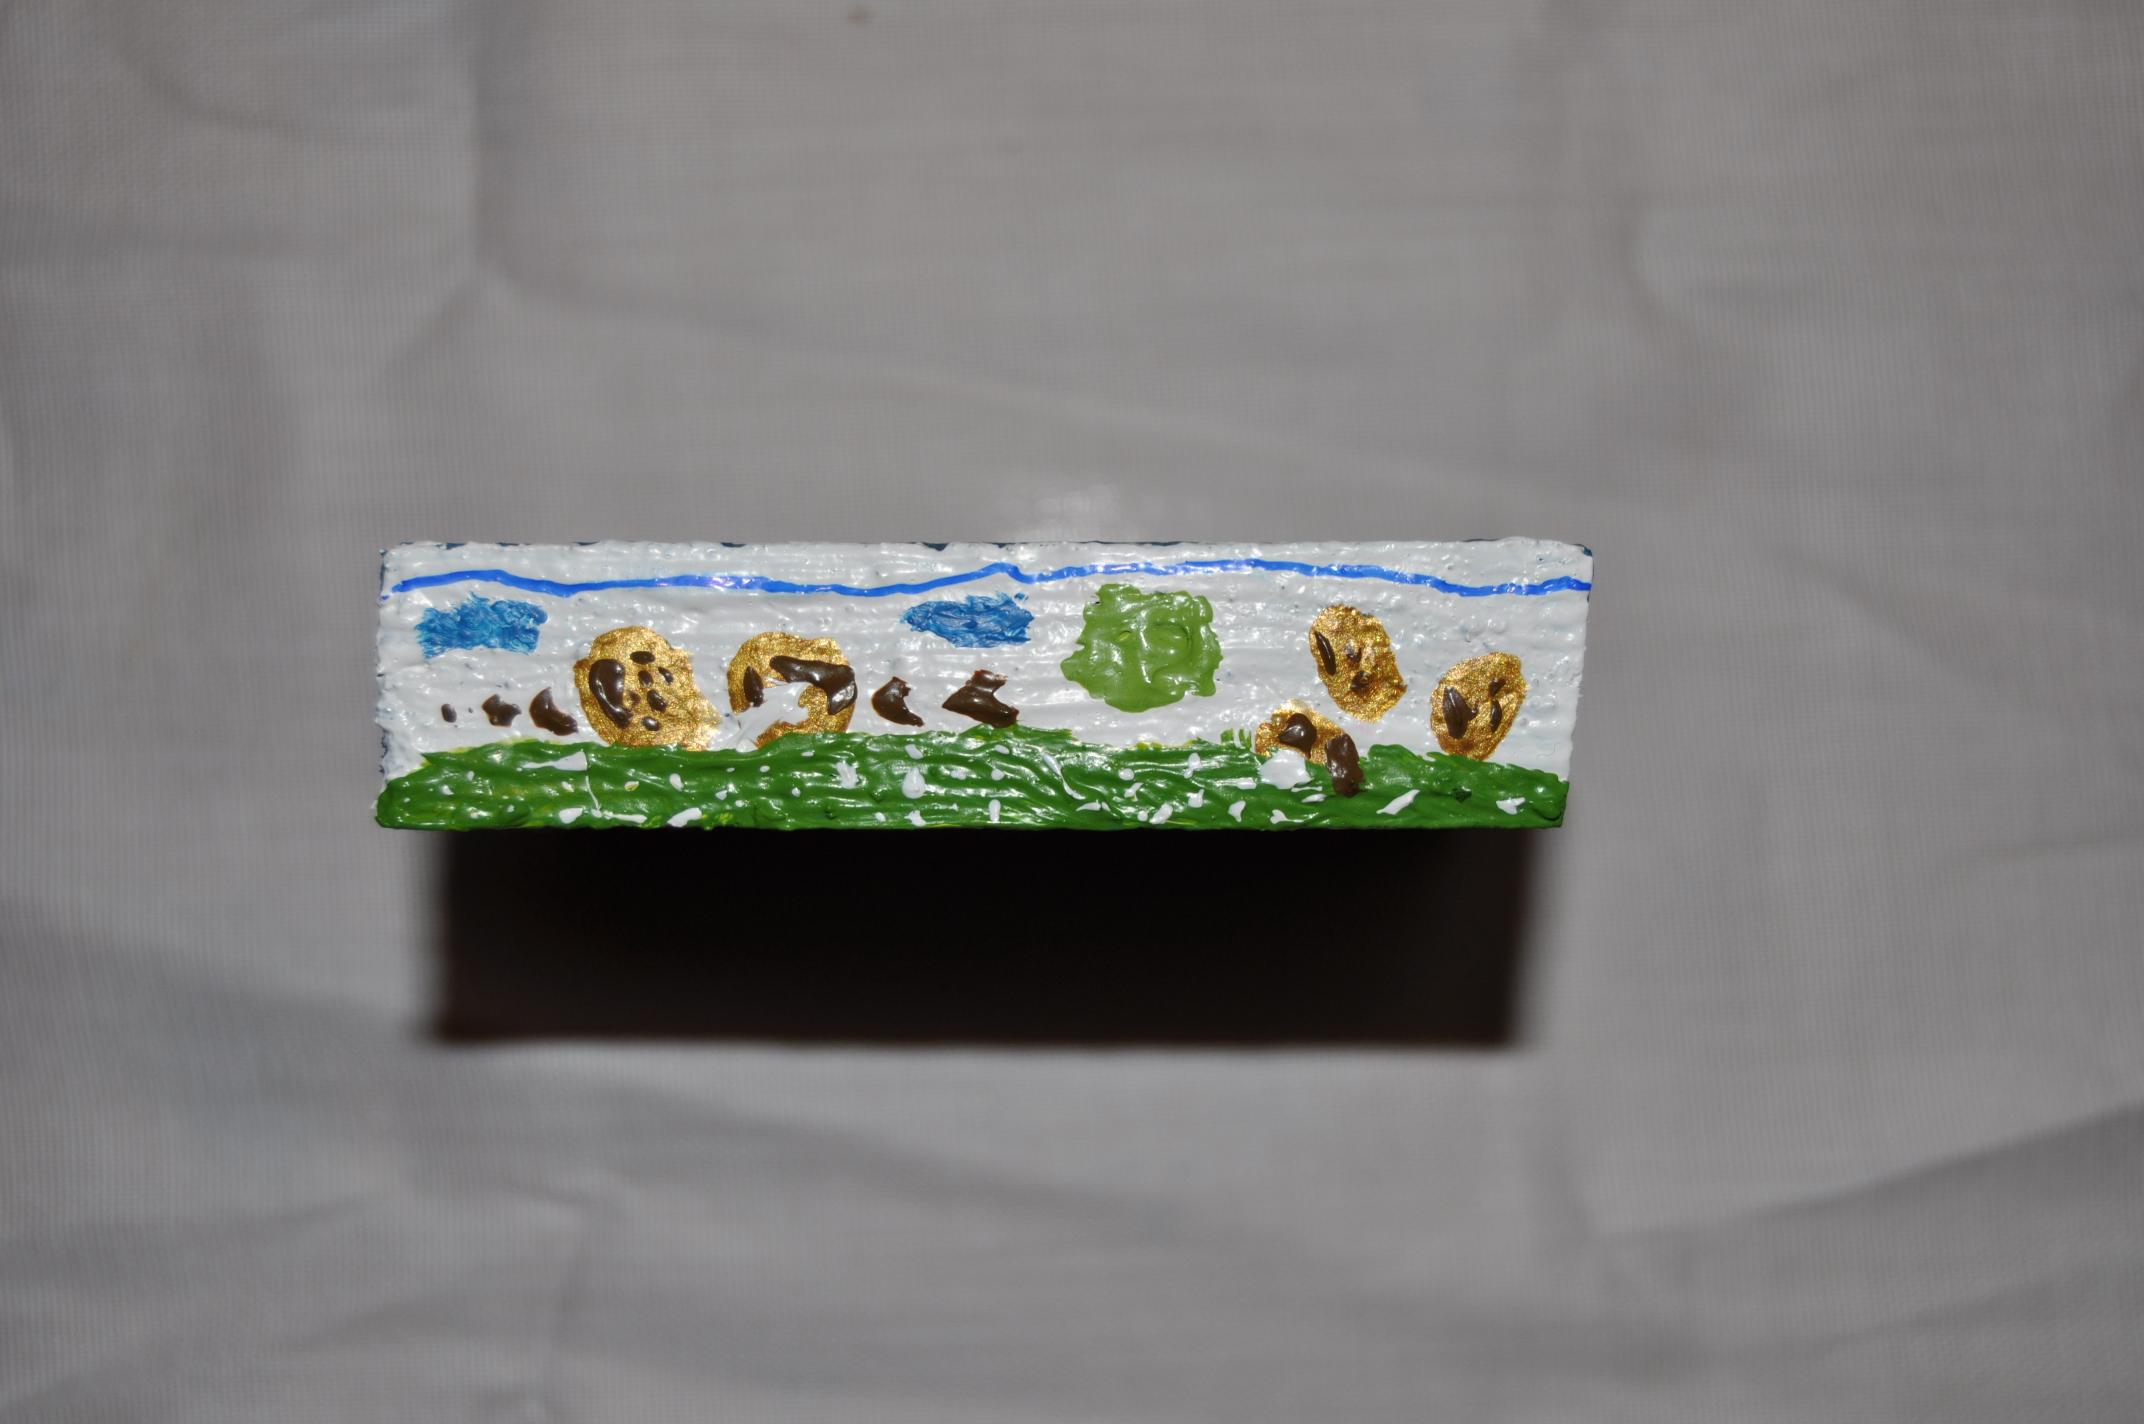 1Pintura Acrílico sobre madera.  8x1,5 cm